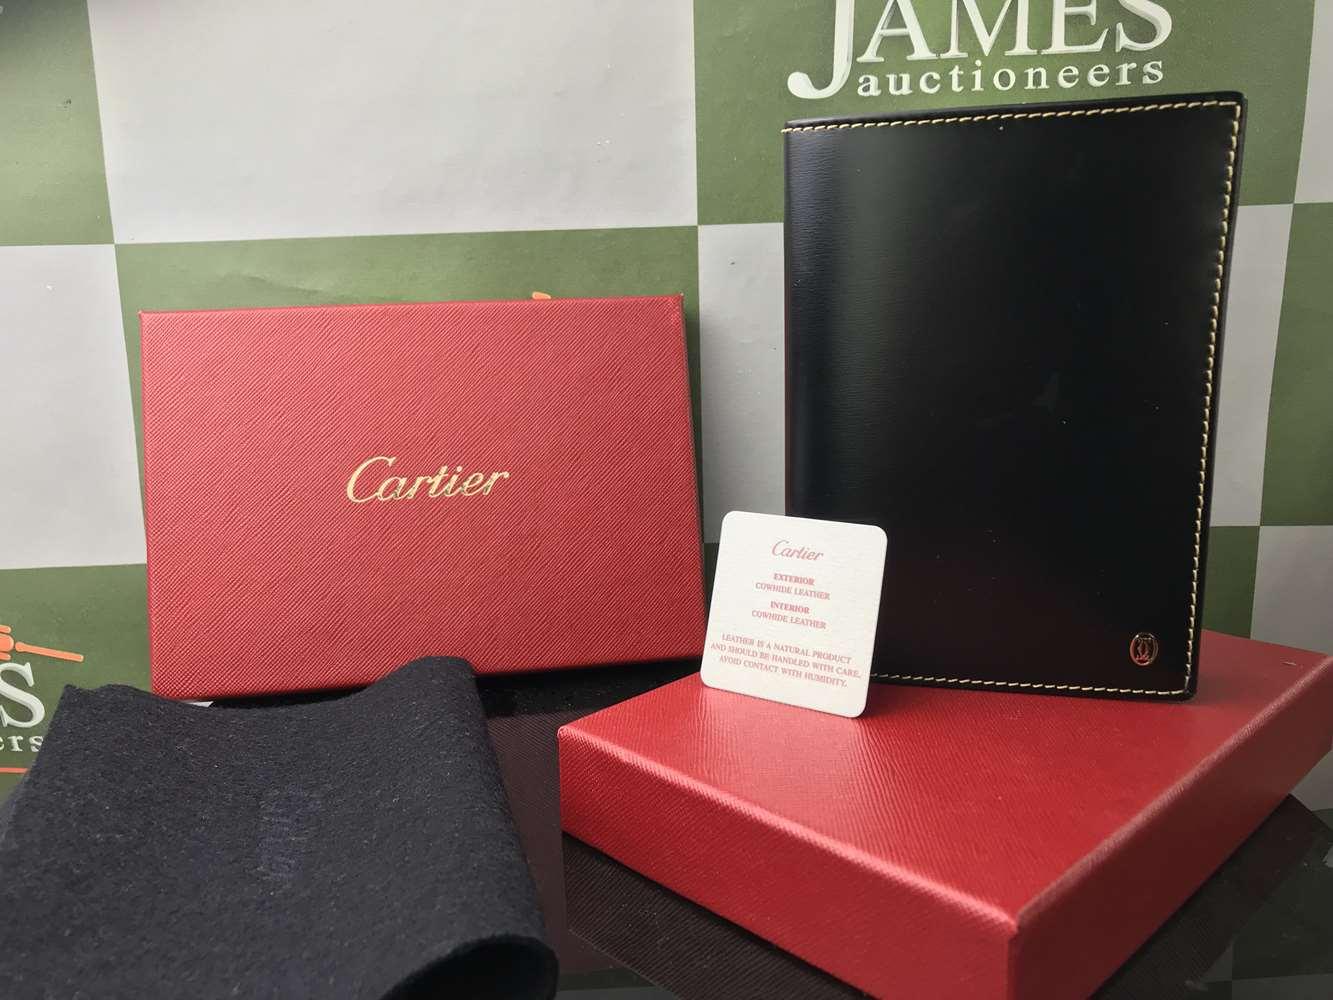 Lot 12 - Cartier Passport Holder